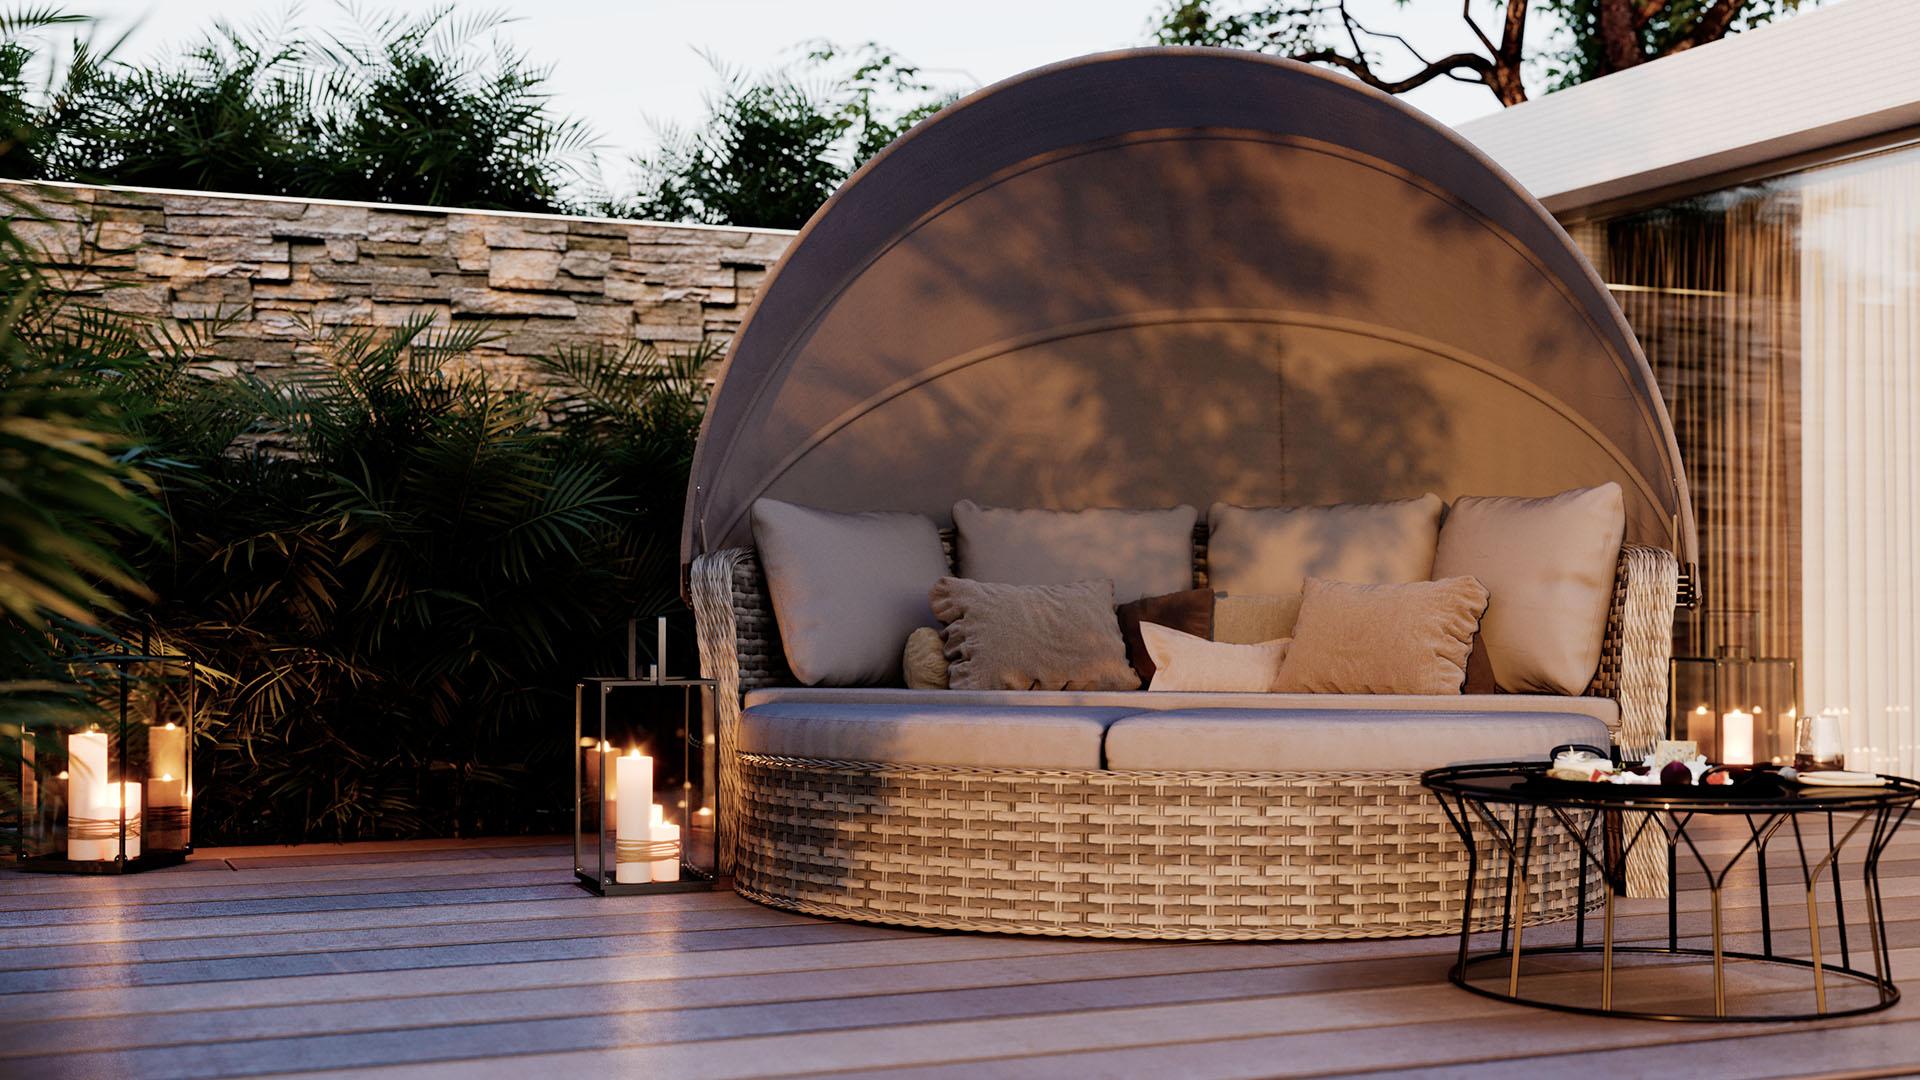 L'été, le soleil et l'îlot de luxe Oceana sur la terrasse de votre maison...